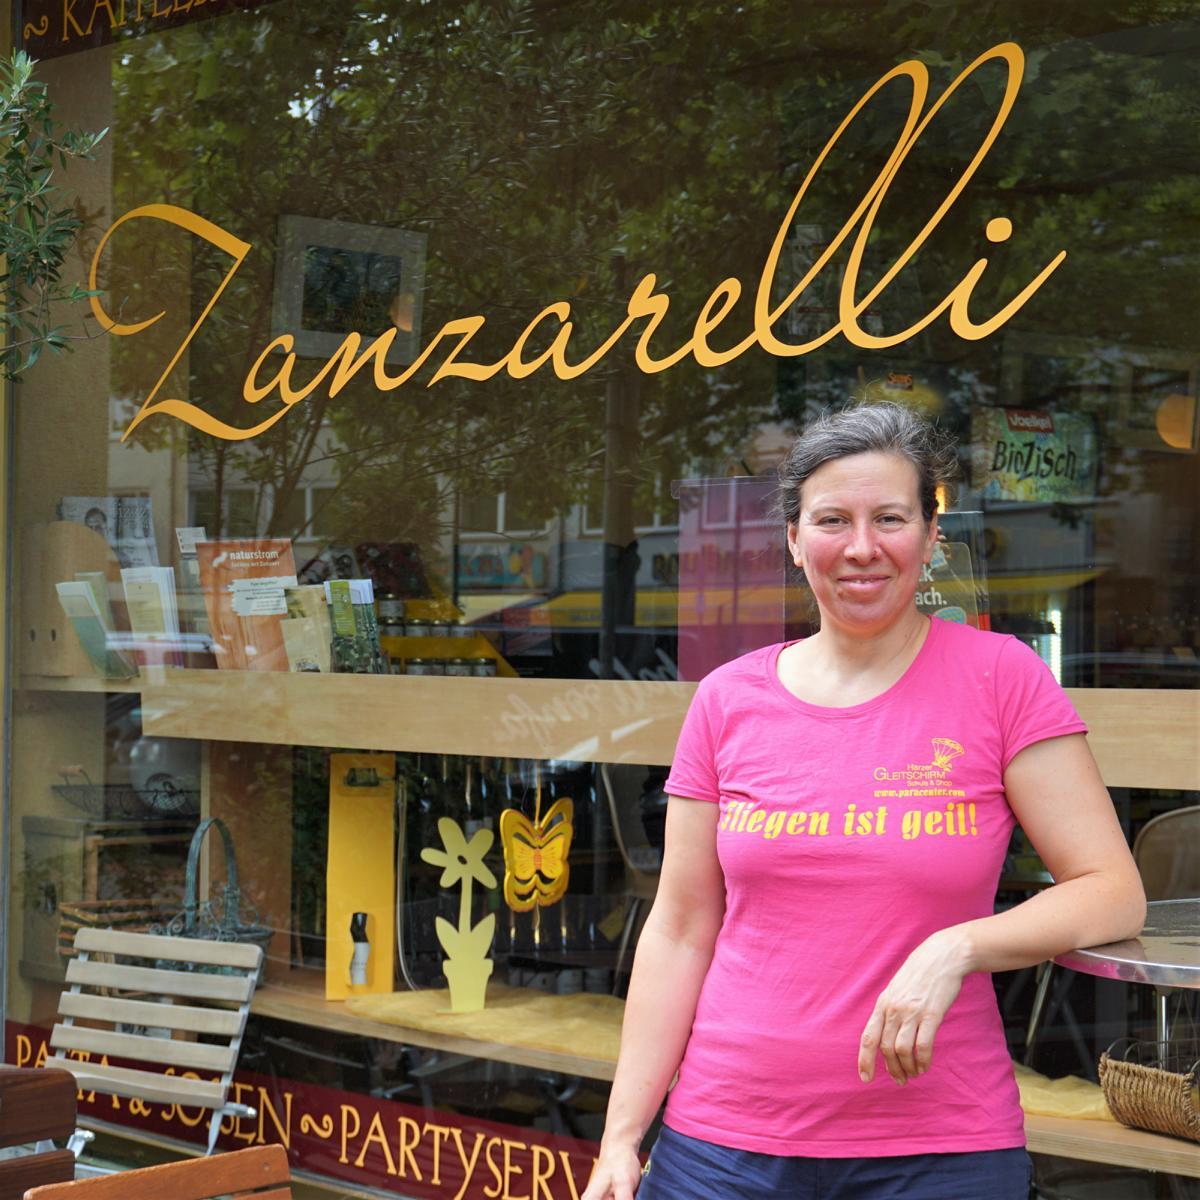 style hannover zanzarelli 8 - Zanzarelli - italienische Herzlichkeit in der Südstadt